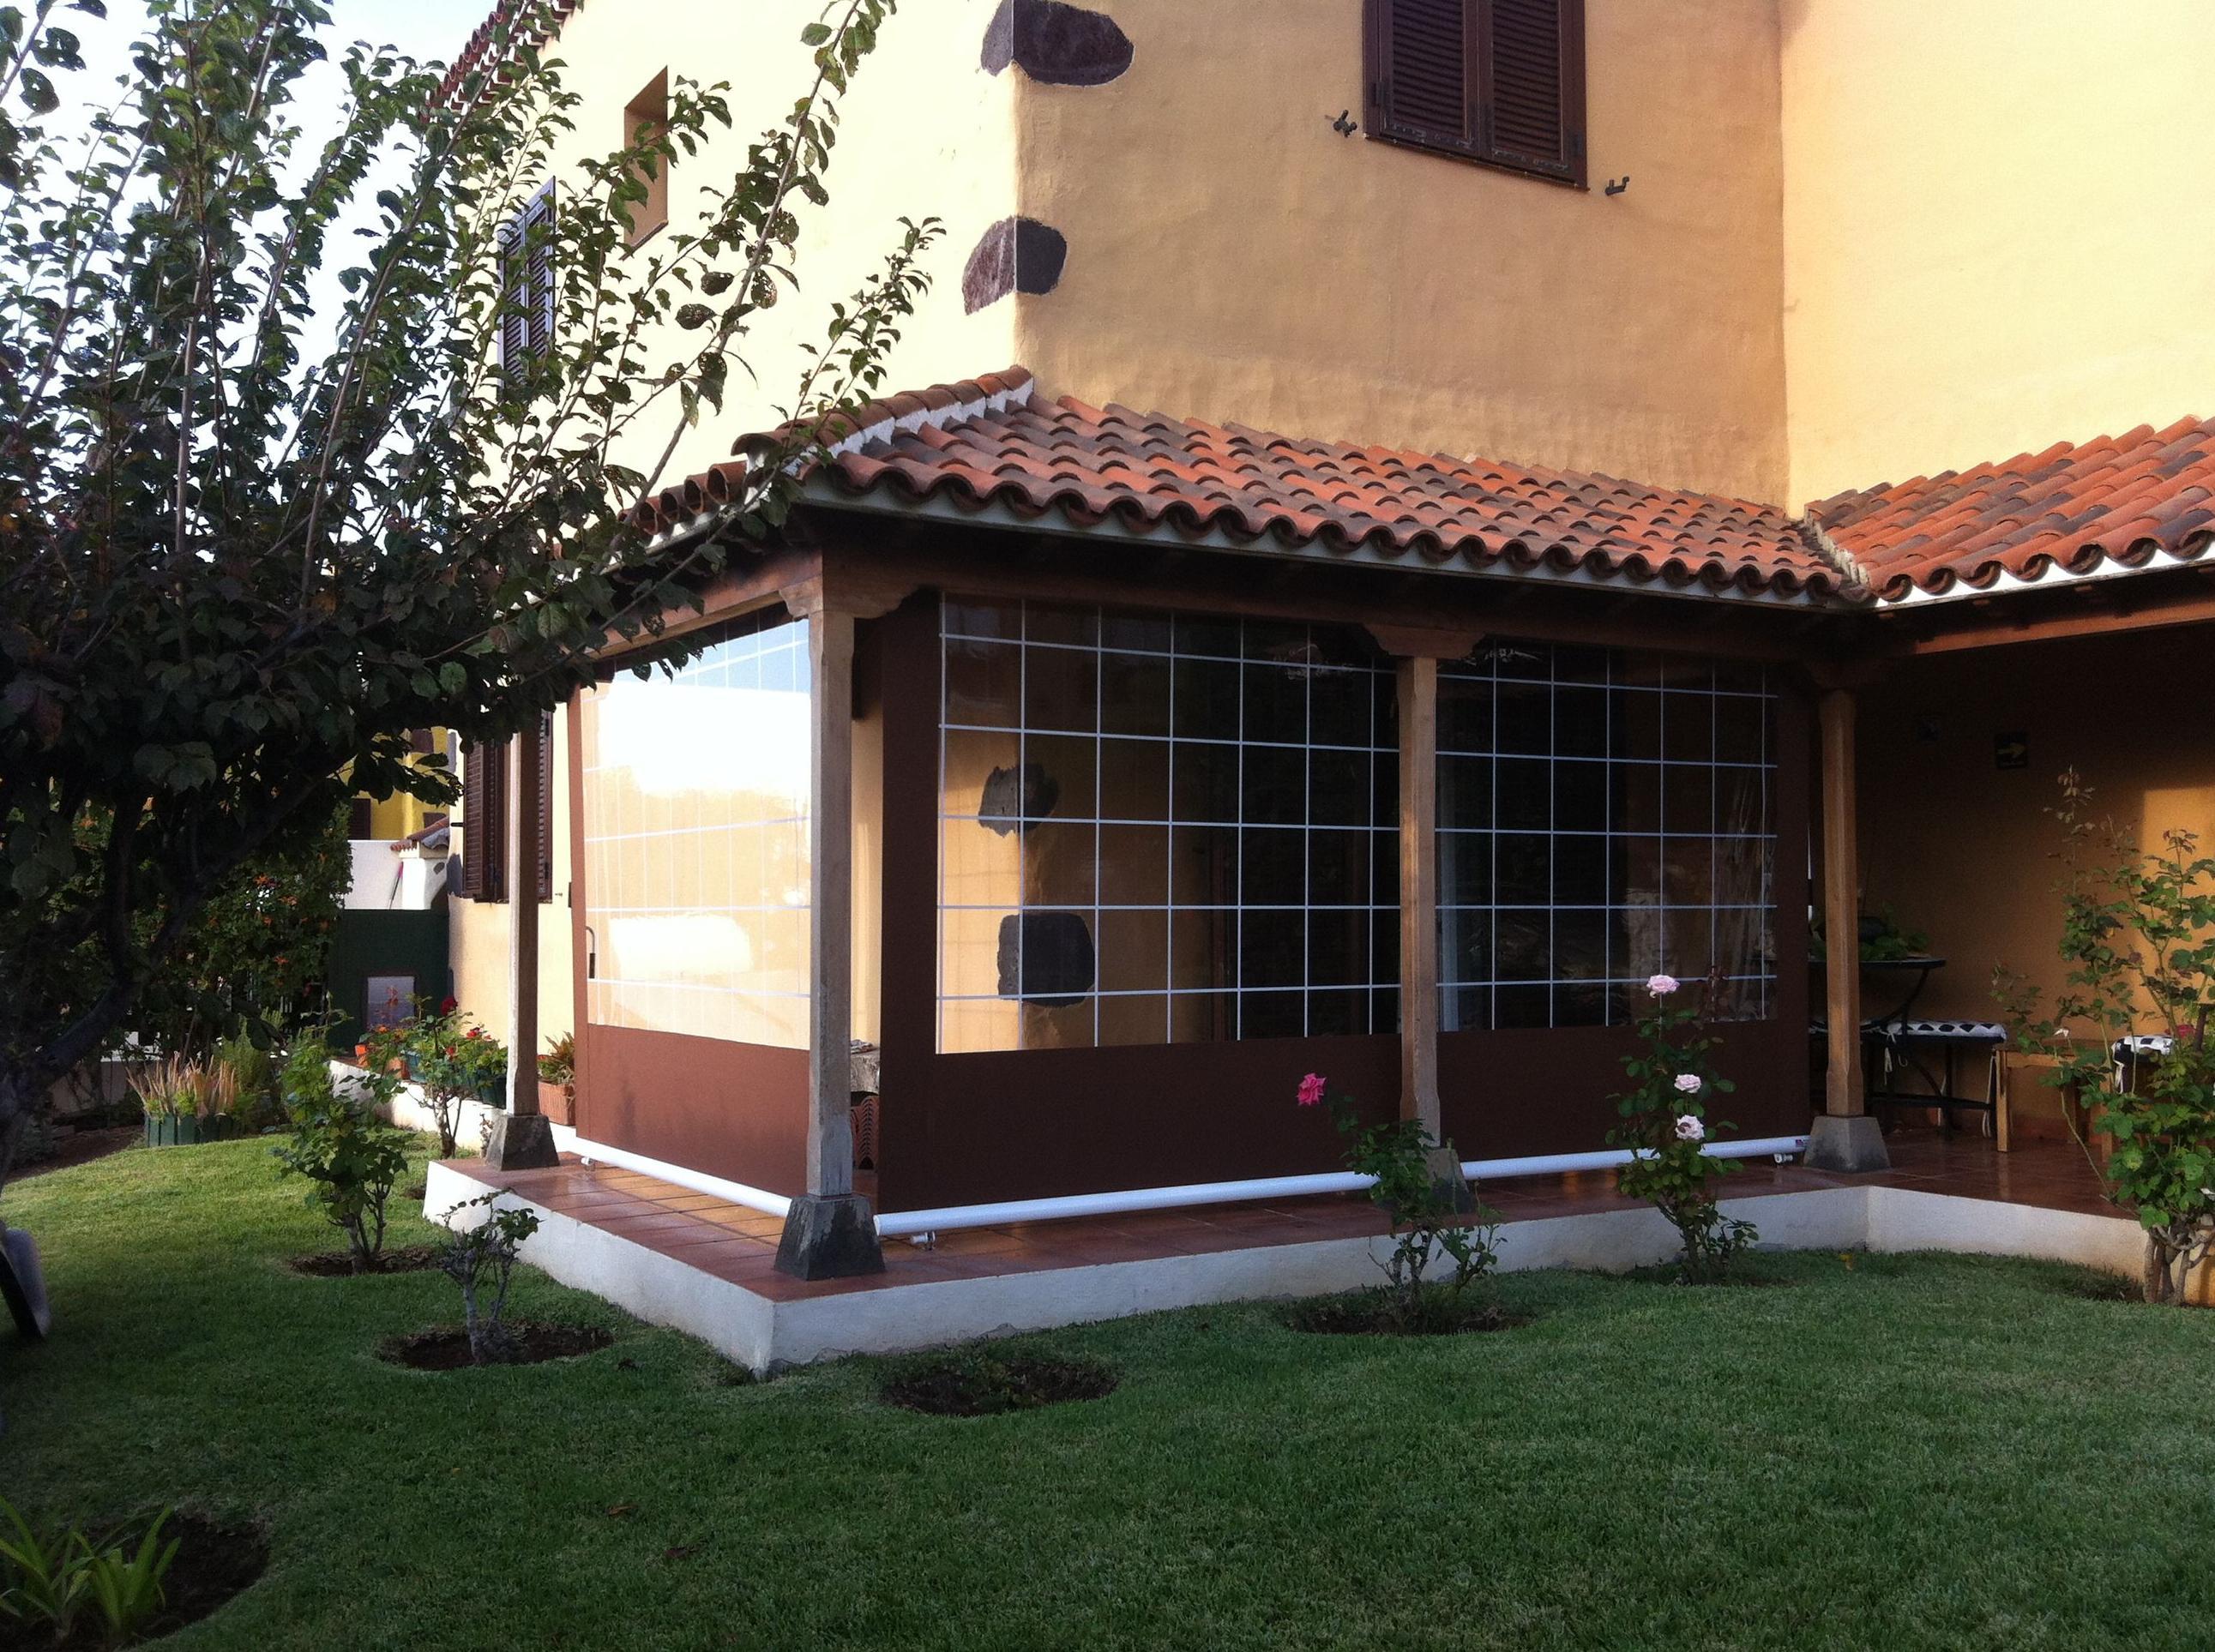 Toldos verticales precios affordable el with toldos - Toldos terraza baratos ...